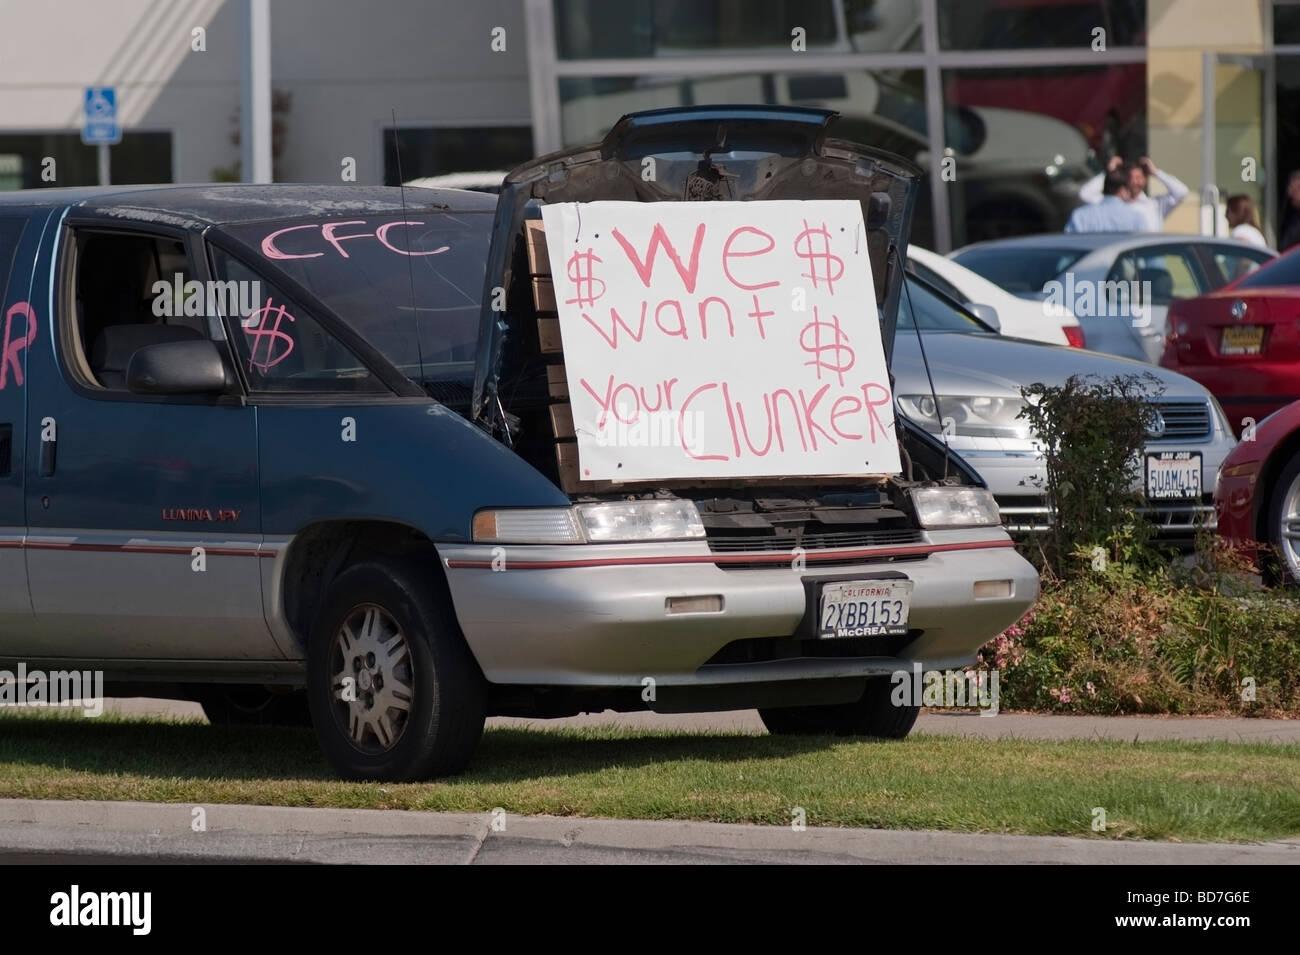 Cash-for-Clunkers, une Chevrolet 1996 à l'extérieur d'un concessionnaire automobile publicité le gouvernement des États-Unis dans le commerce automobile programme. Banque D'Images